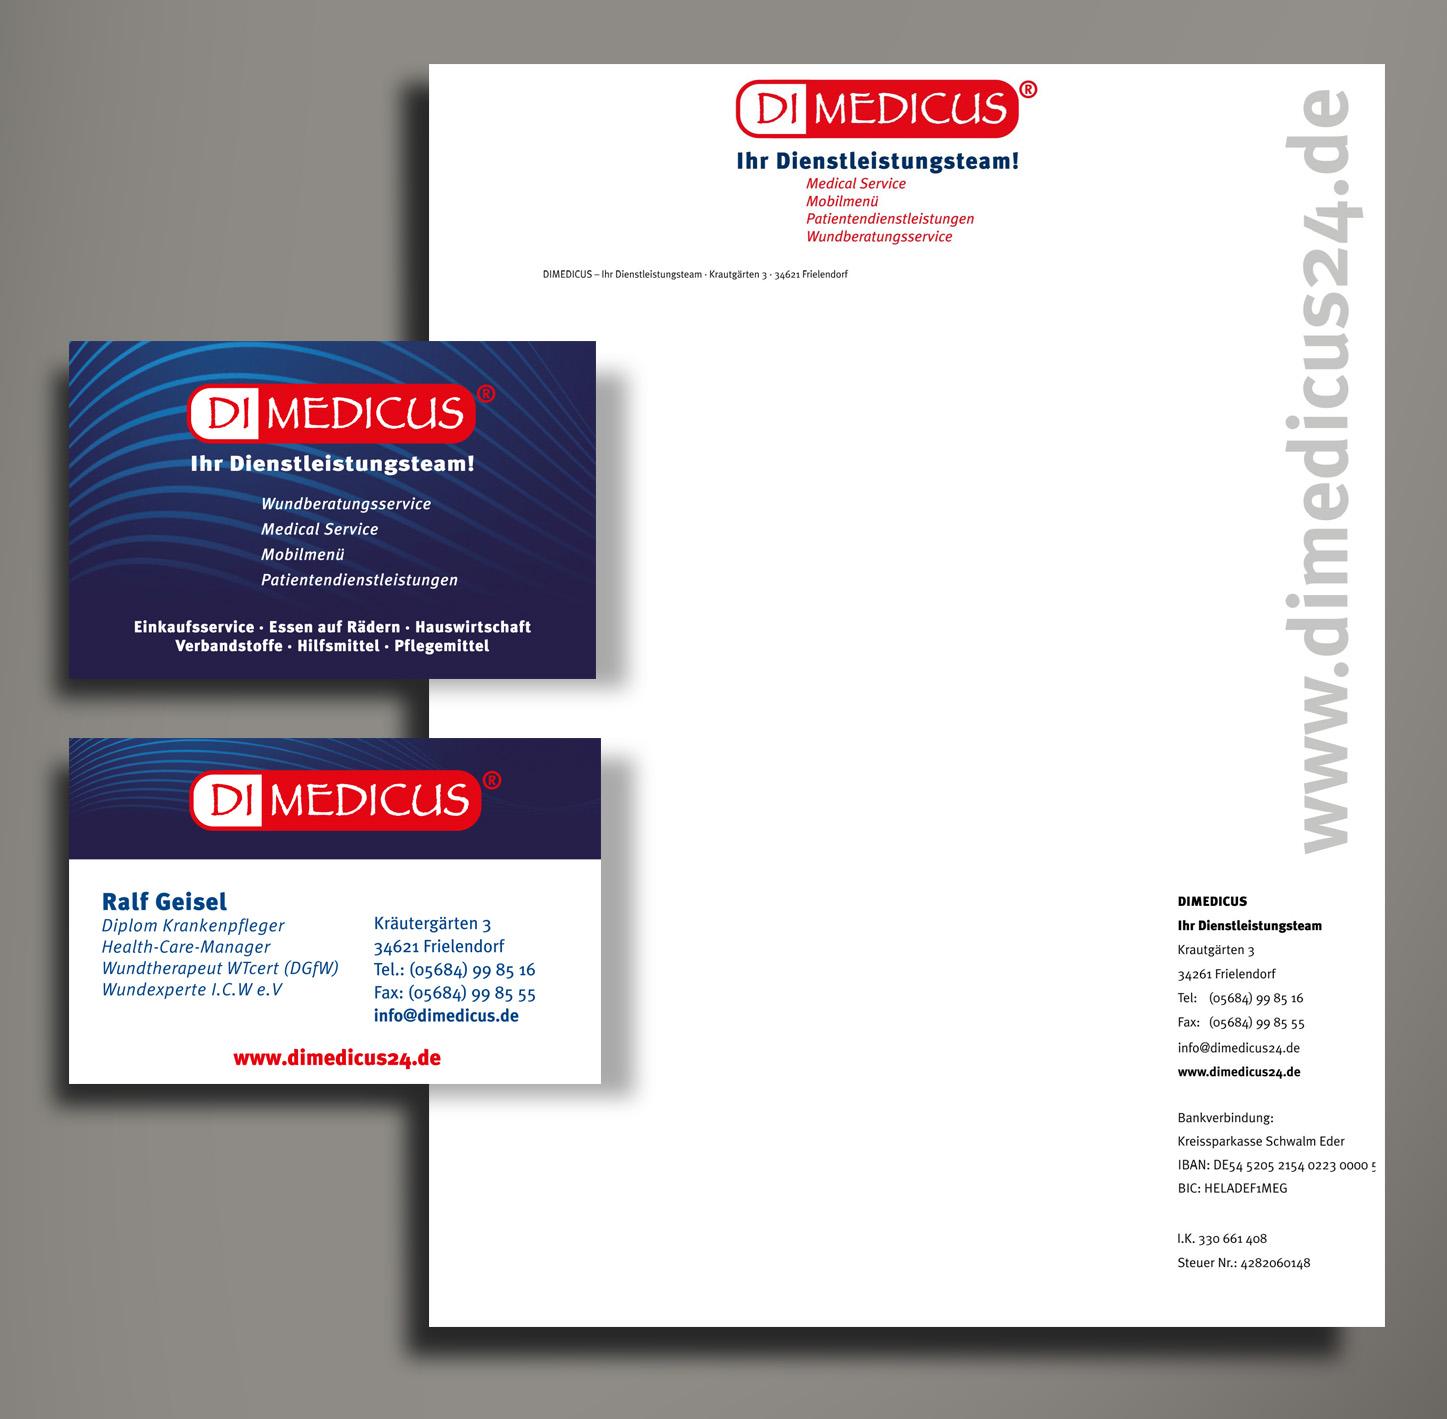 DIMEDICUS Corporate Design